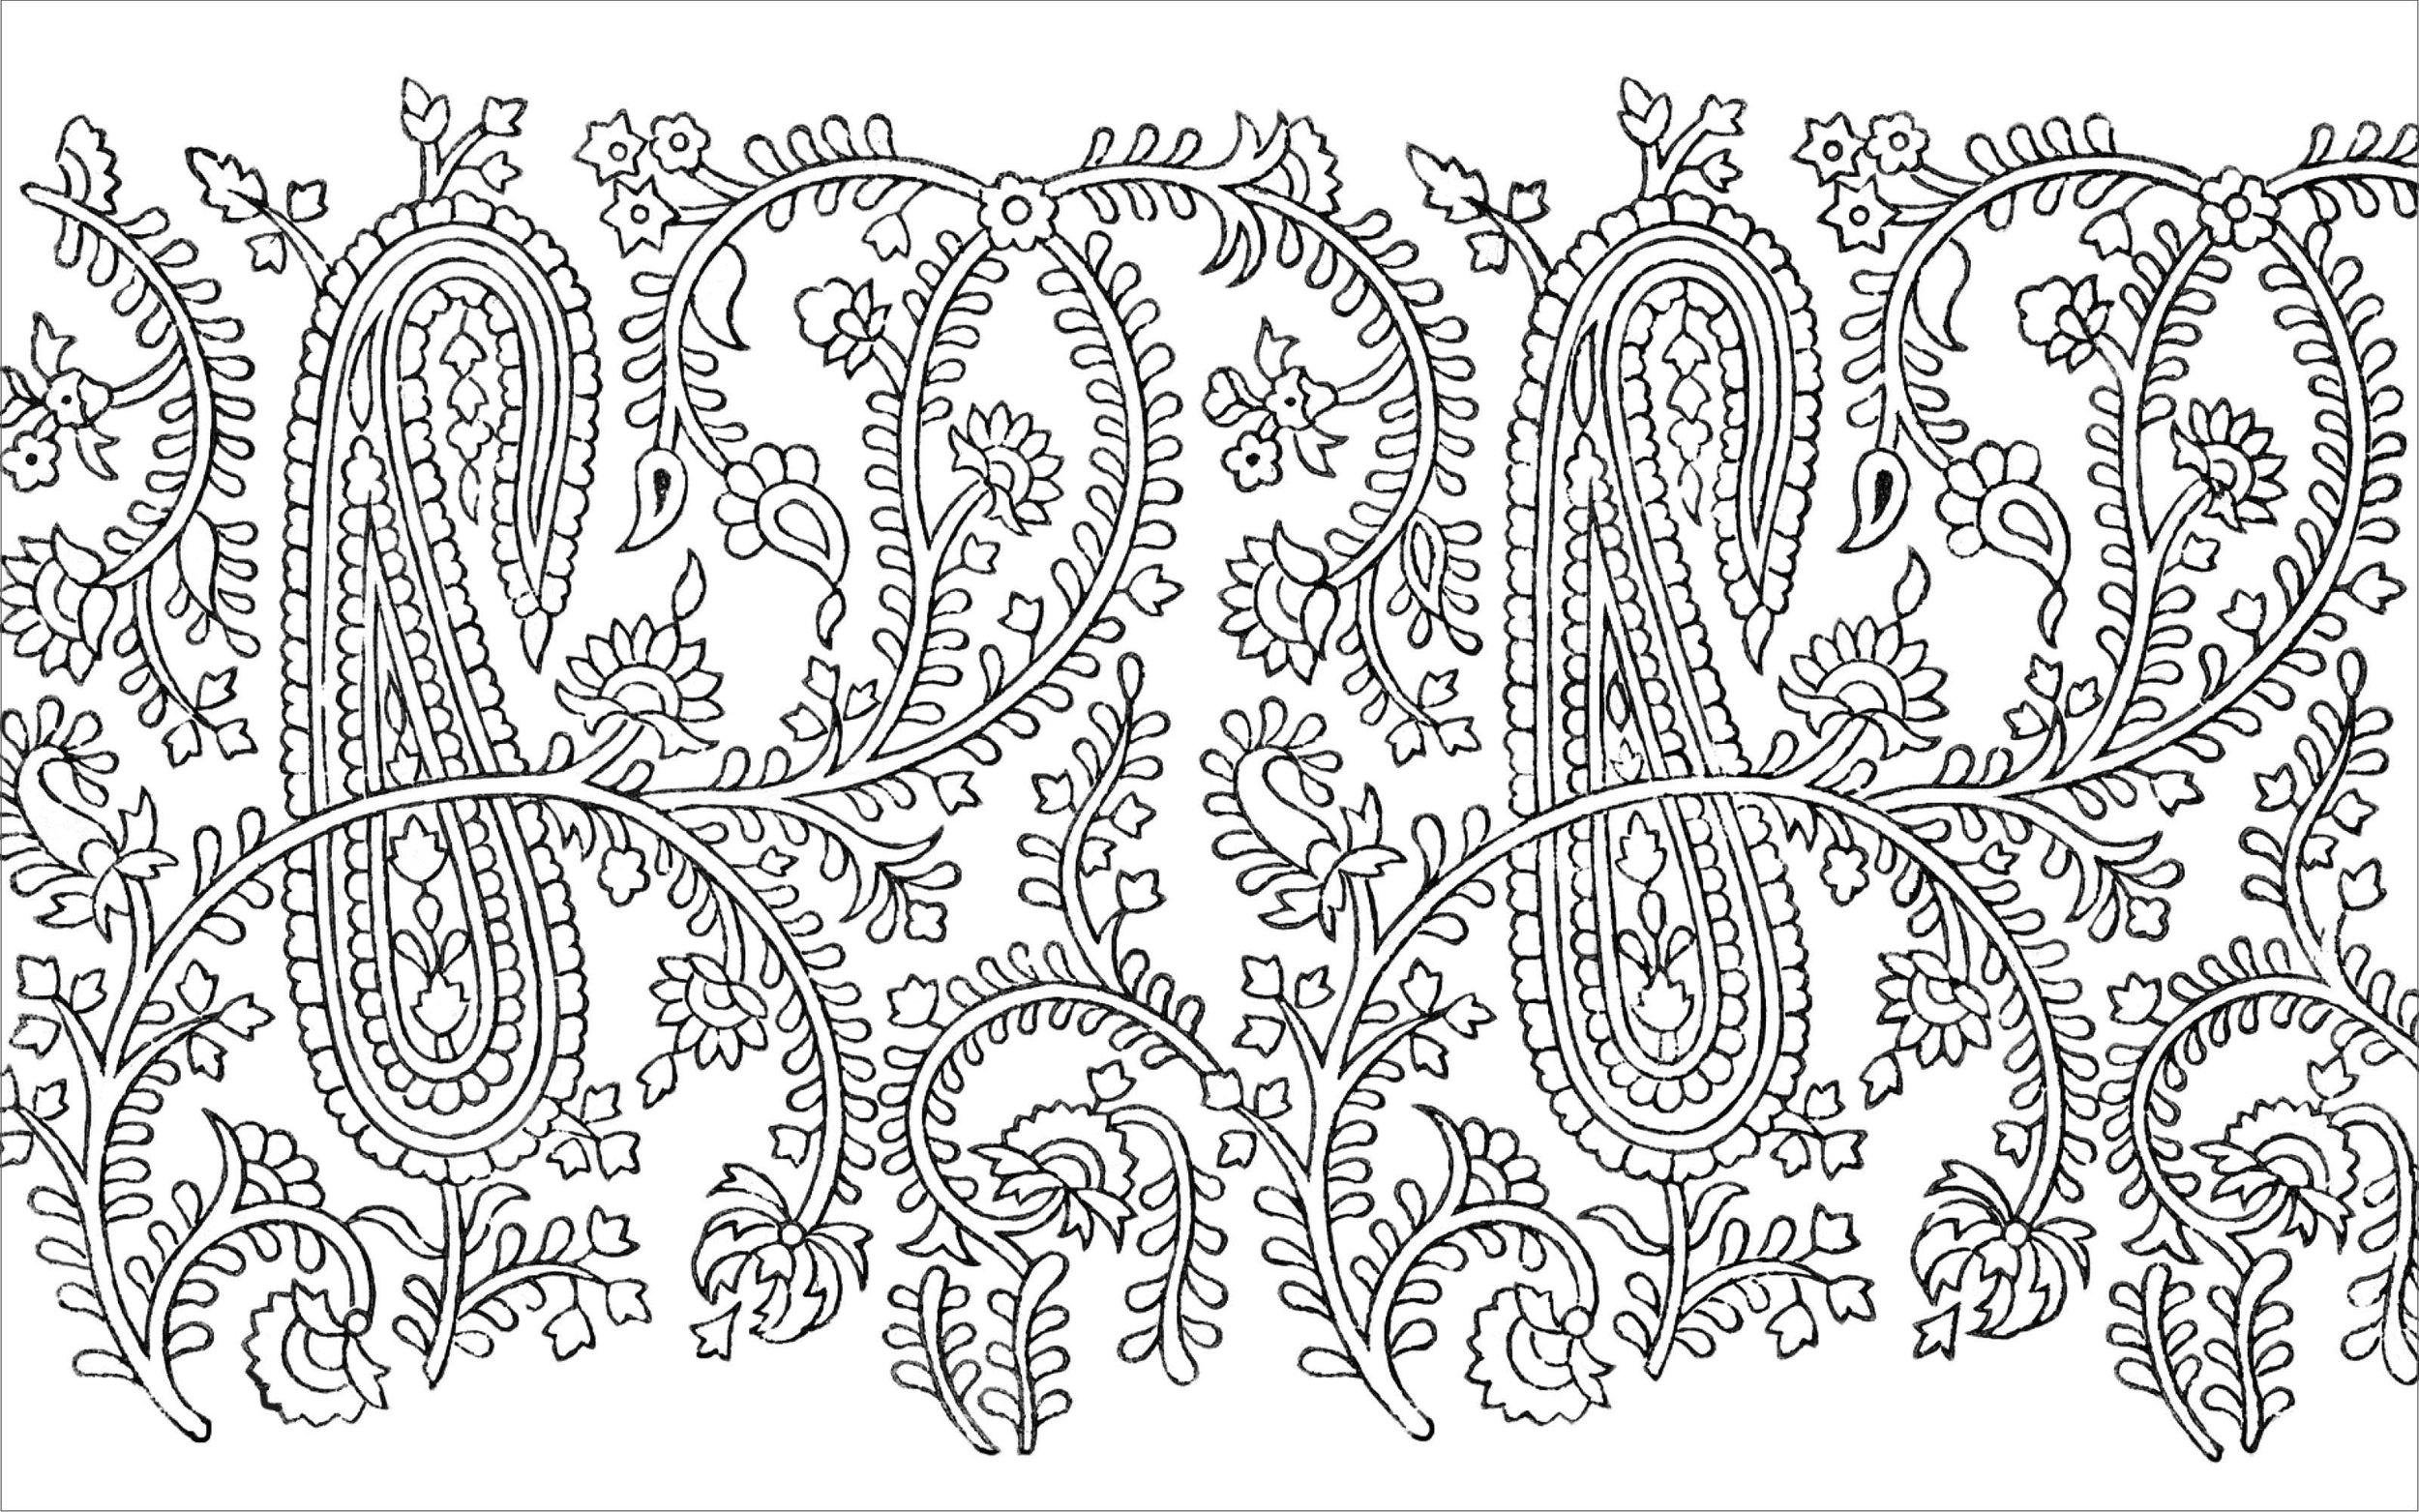 Textile 8 x 10 FINAL 6-7.jpg